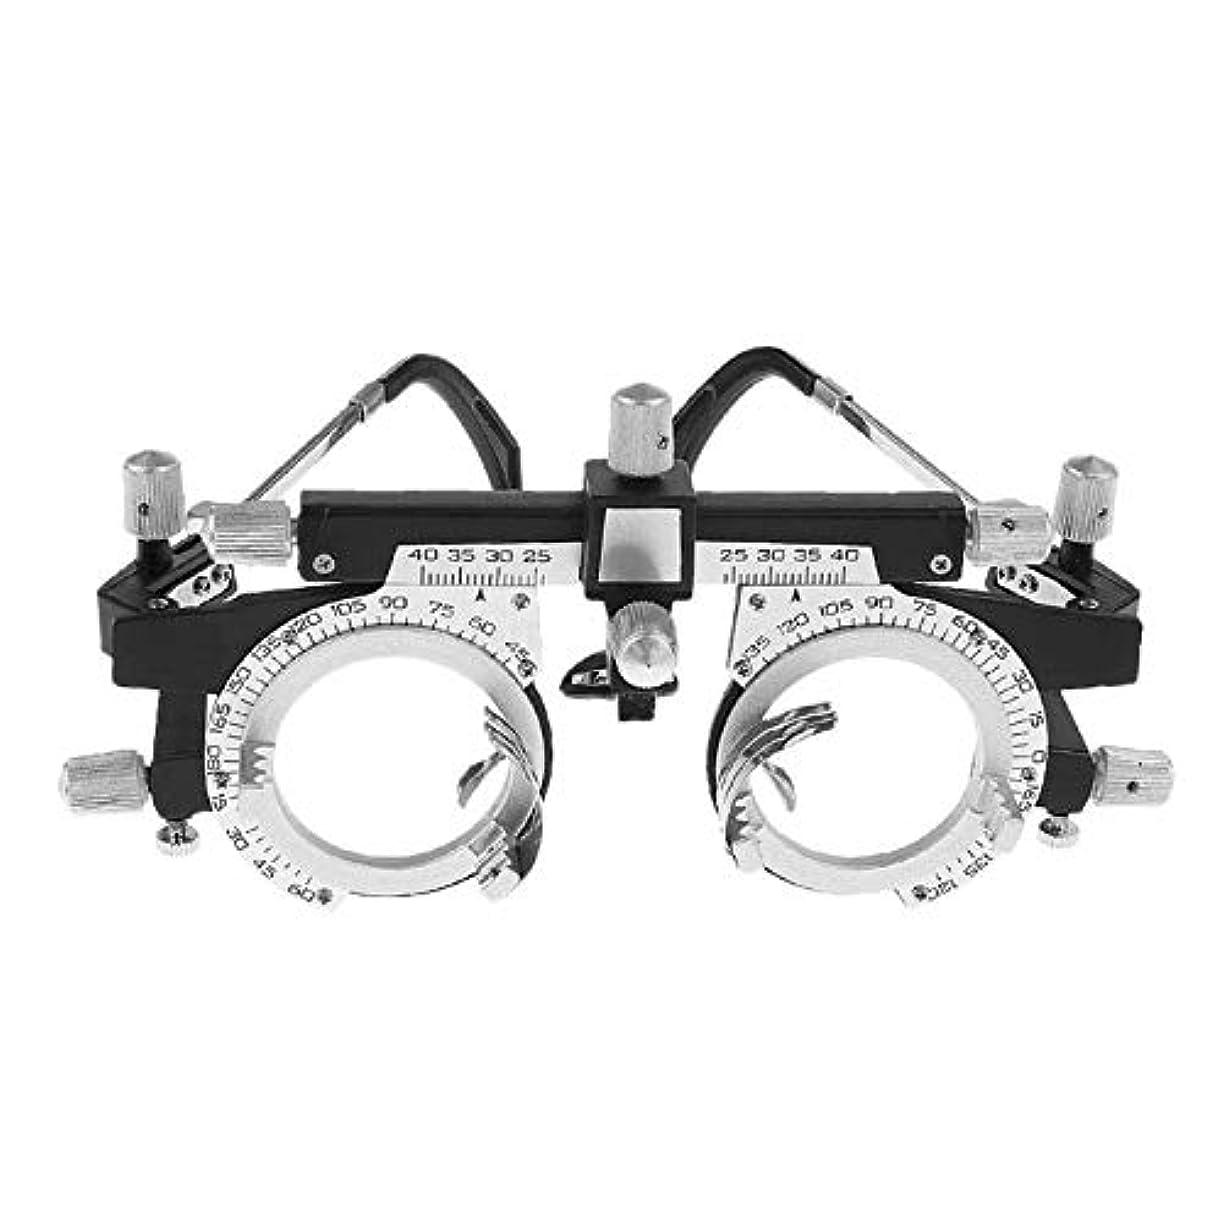 暴力死ぬ香ばしいQuquack 調整可能なプロフェッショナルアイウェア検眼メタルフレーム光学眼鏡眼鏡トライアルレンズメタルフレームPD眼鏡アクセサリー